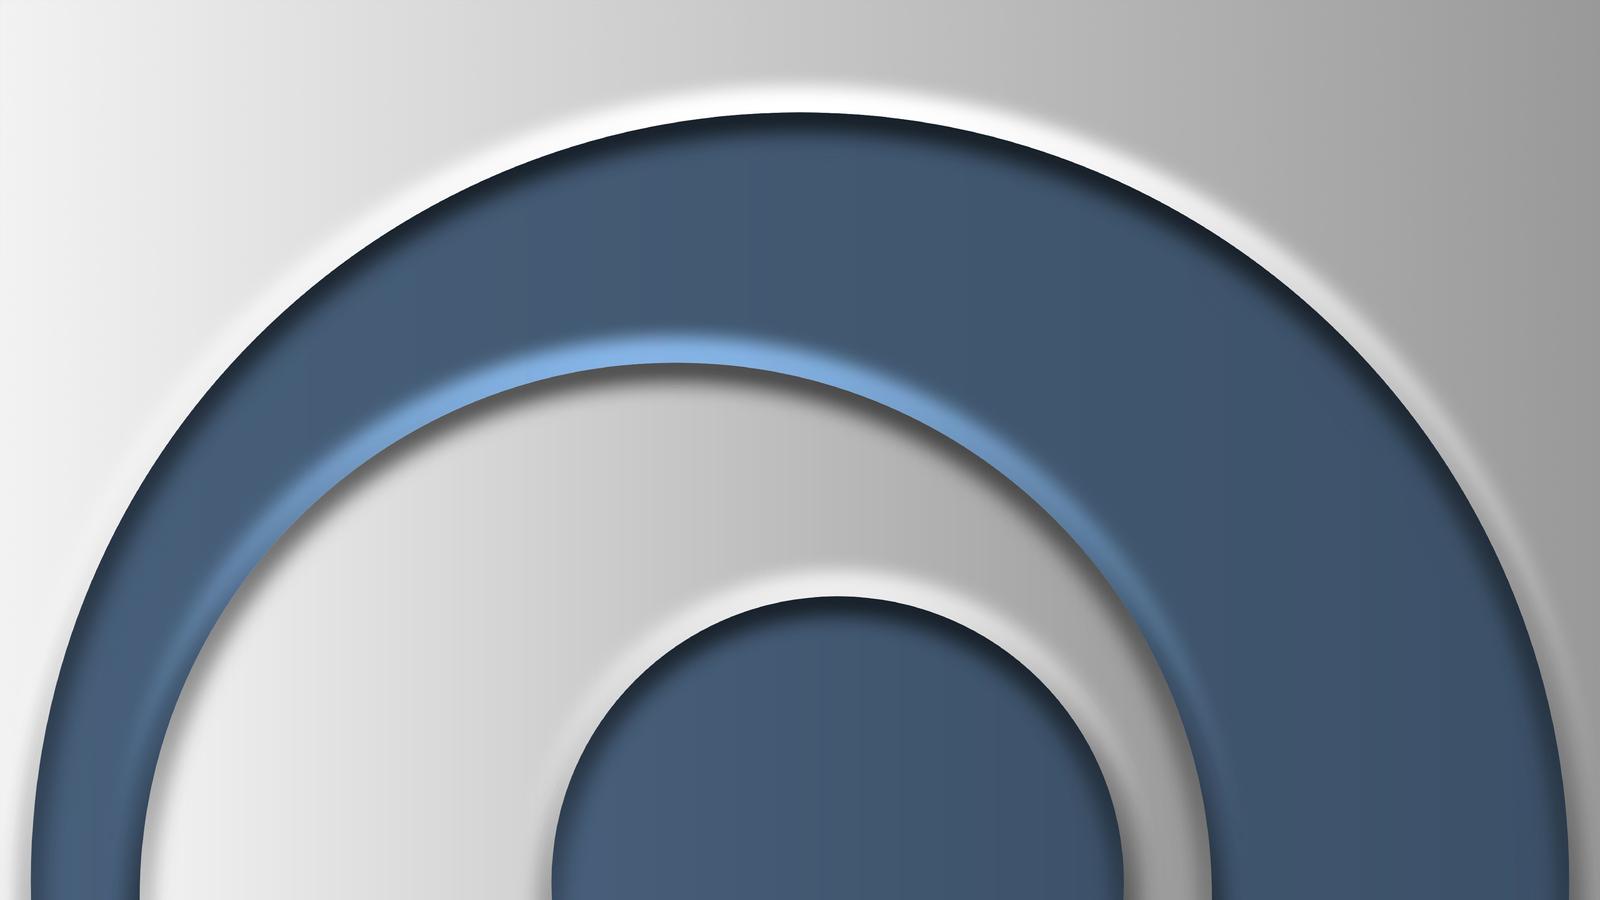 spiral-abstract-circle-4k-ul.jpg